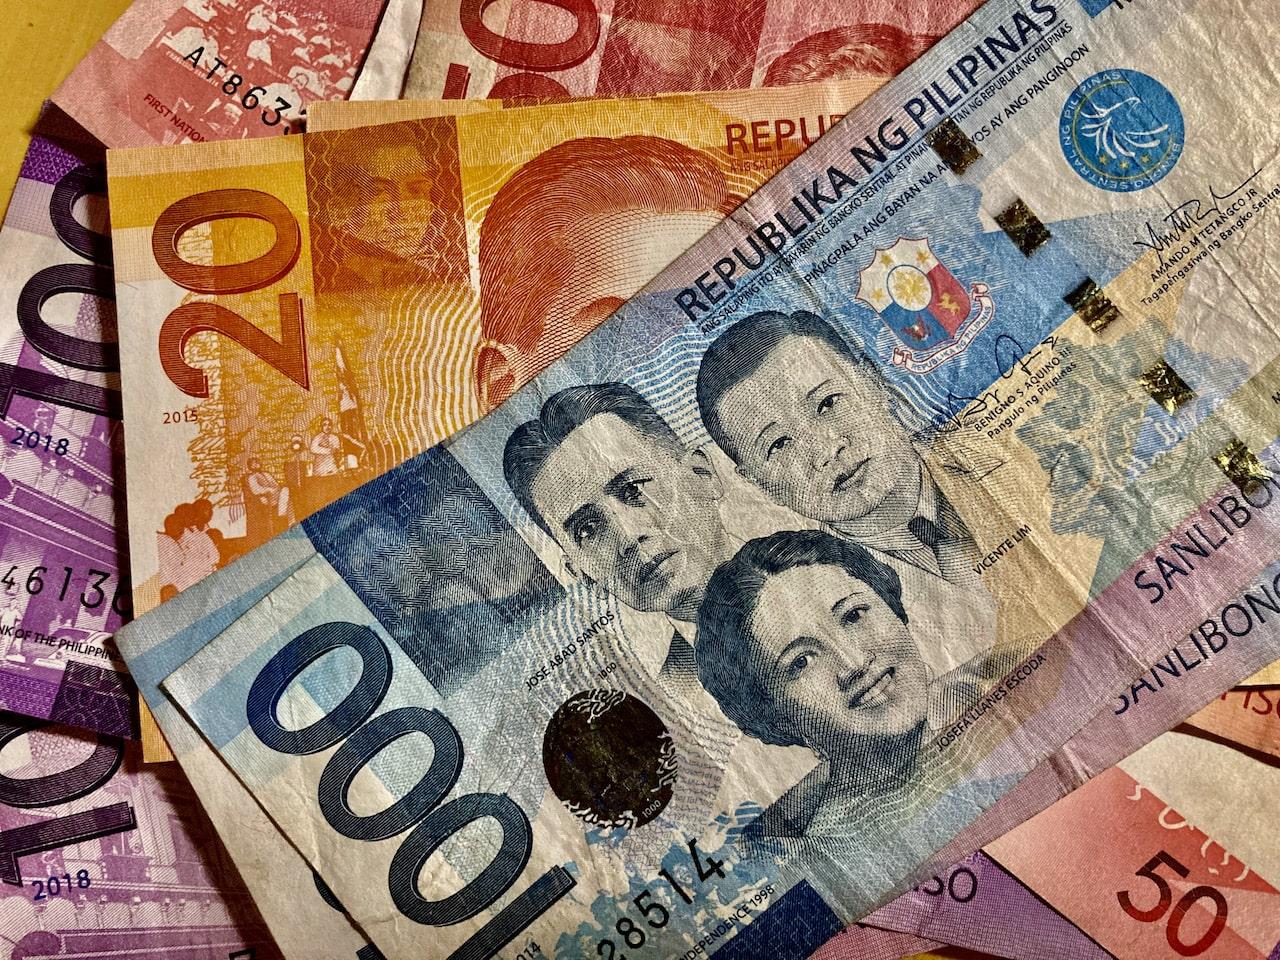 【ワイズ】日本からフィリピンへ海外送金する方法【Wise体験レビュー】